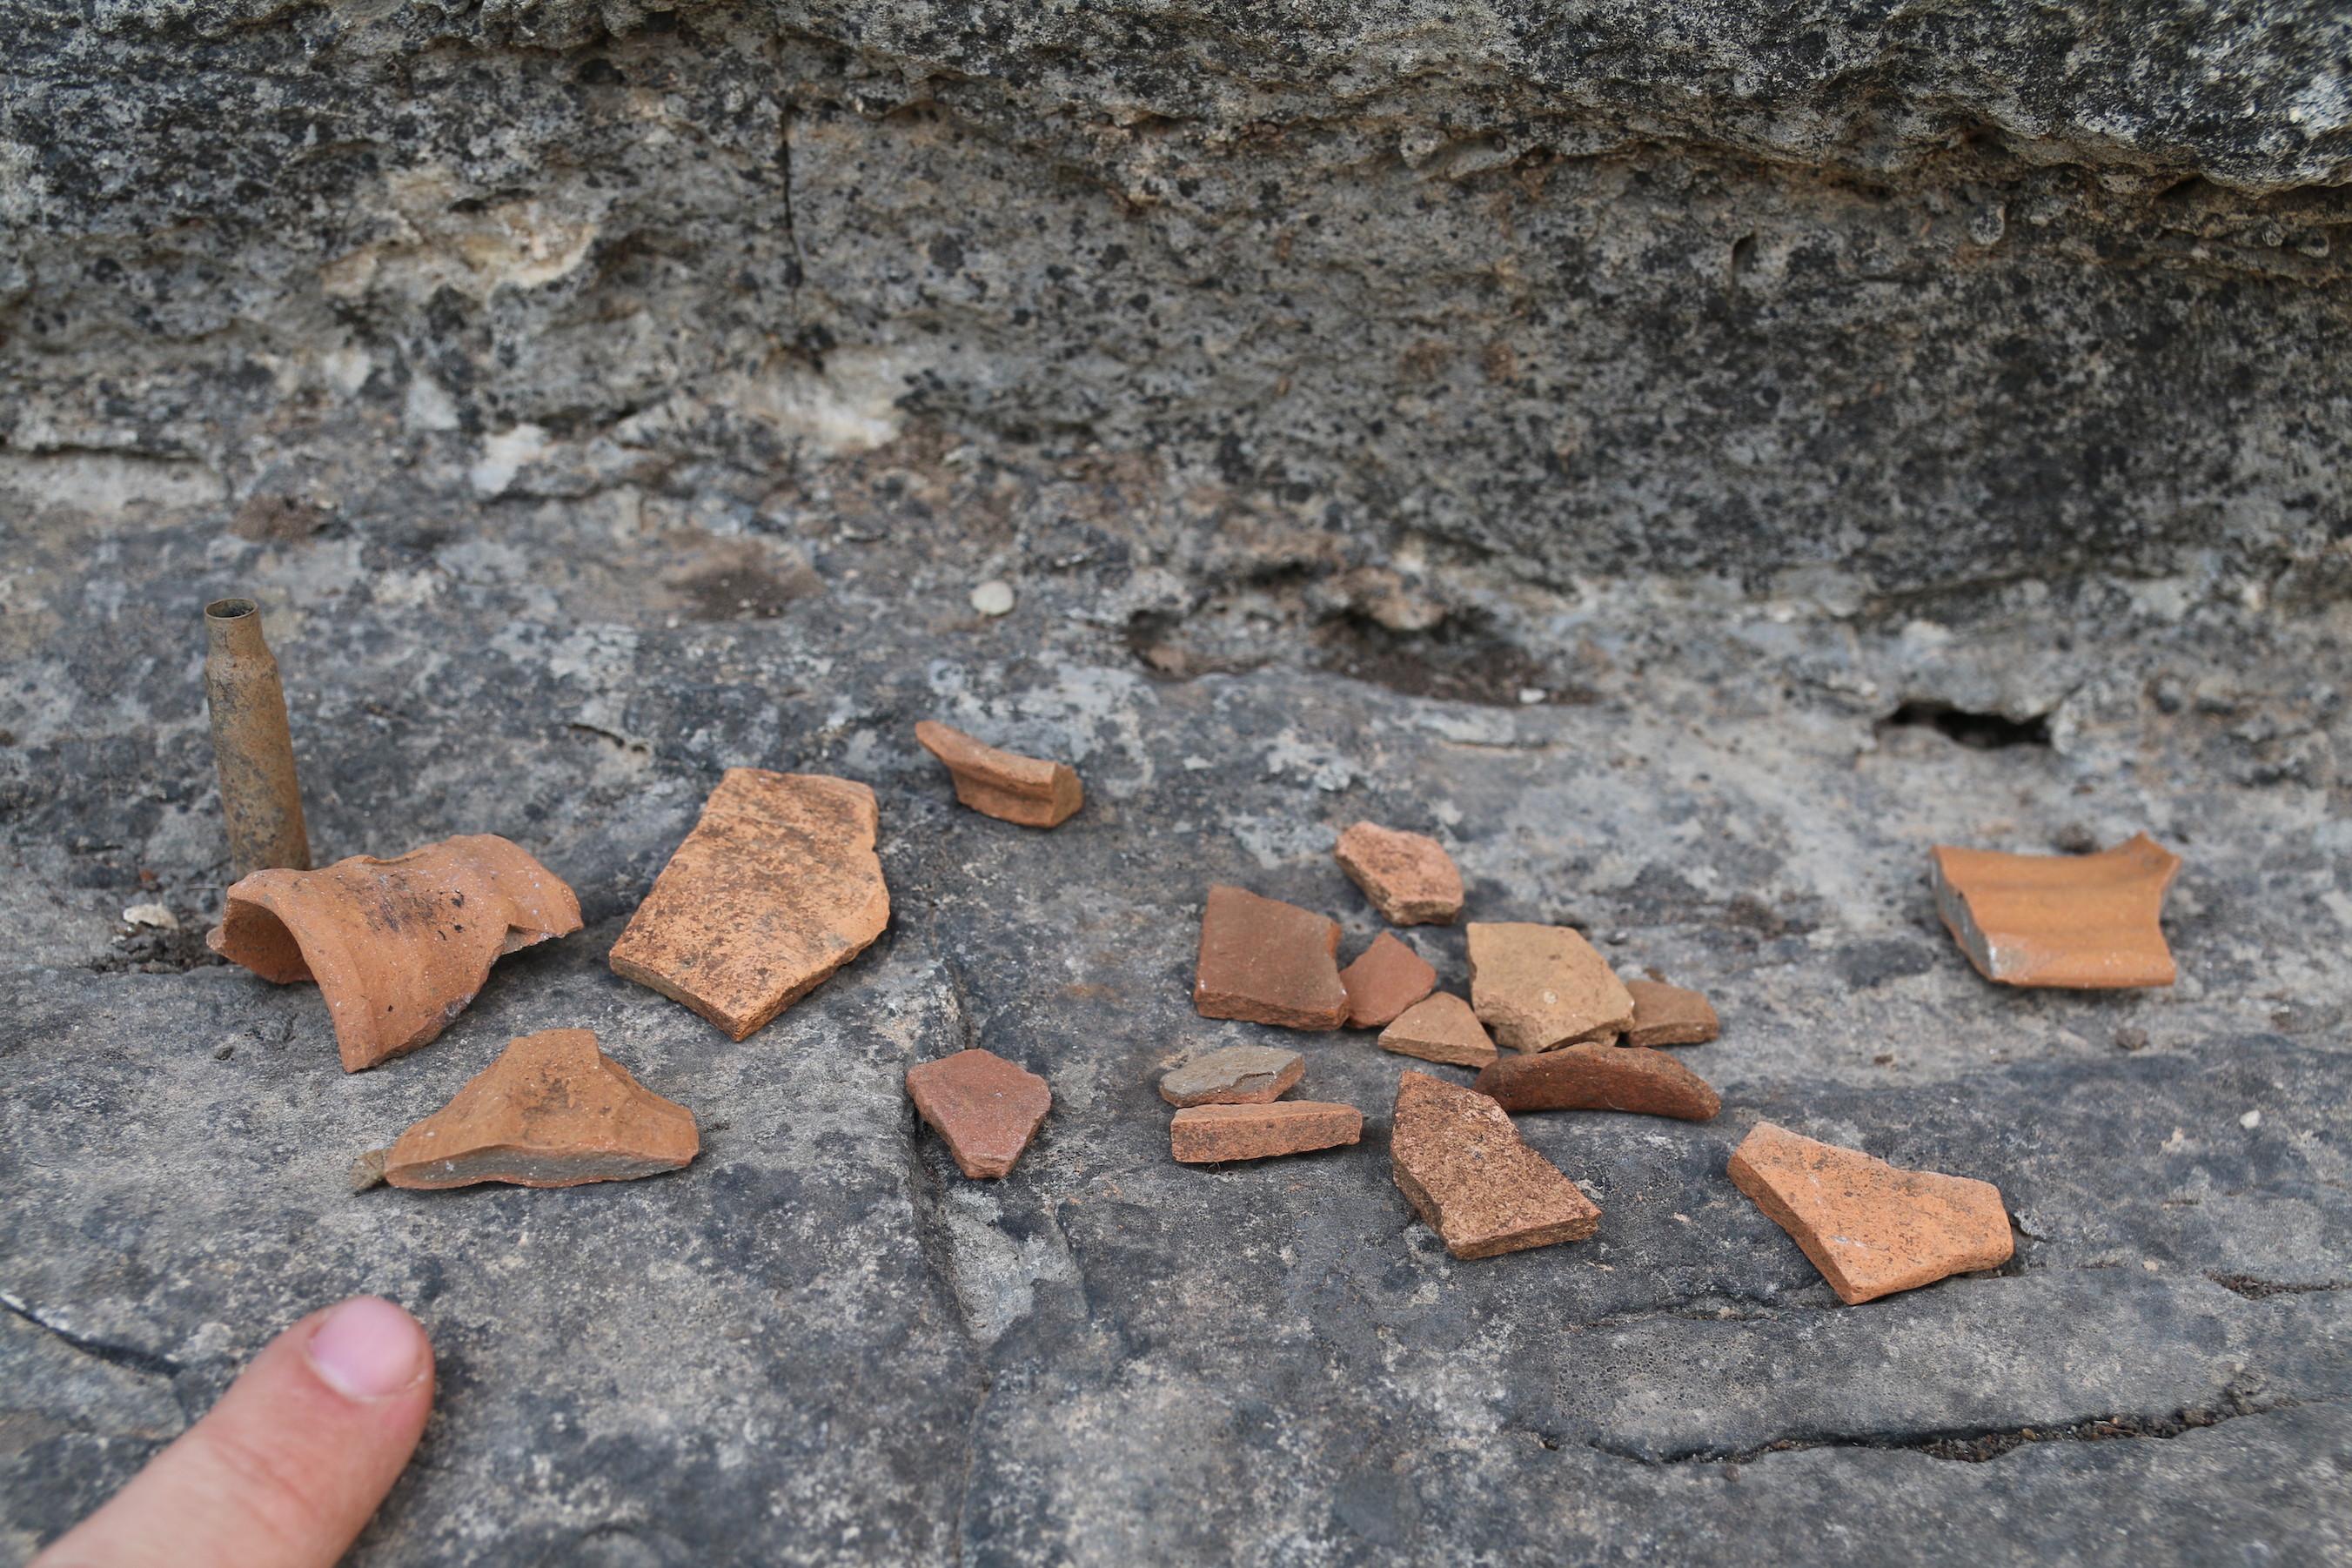 חרסים שנמצאו פזורים בחזית פתח המערה